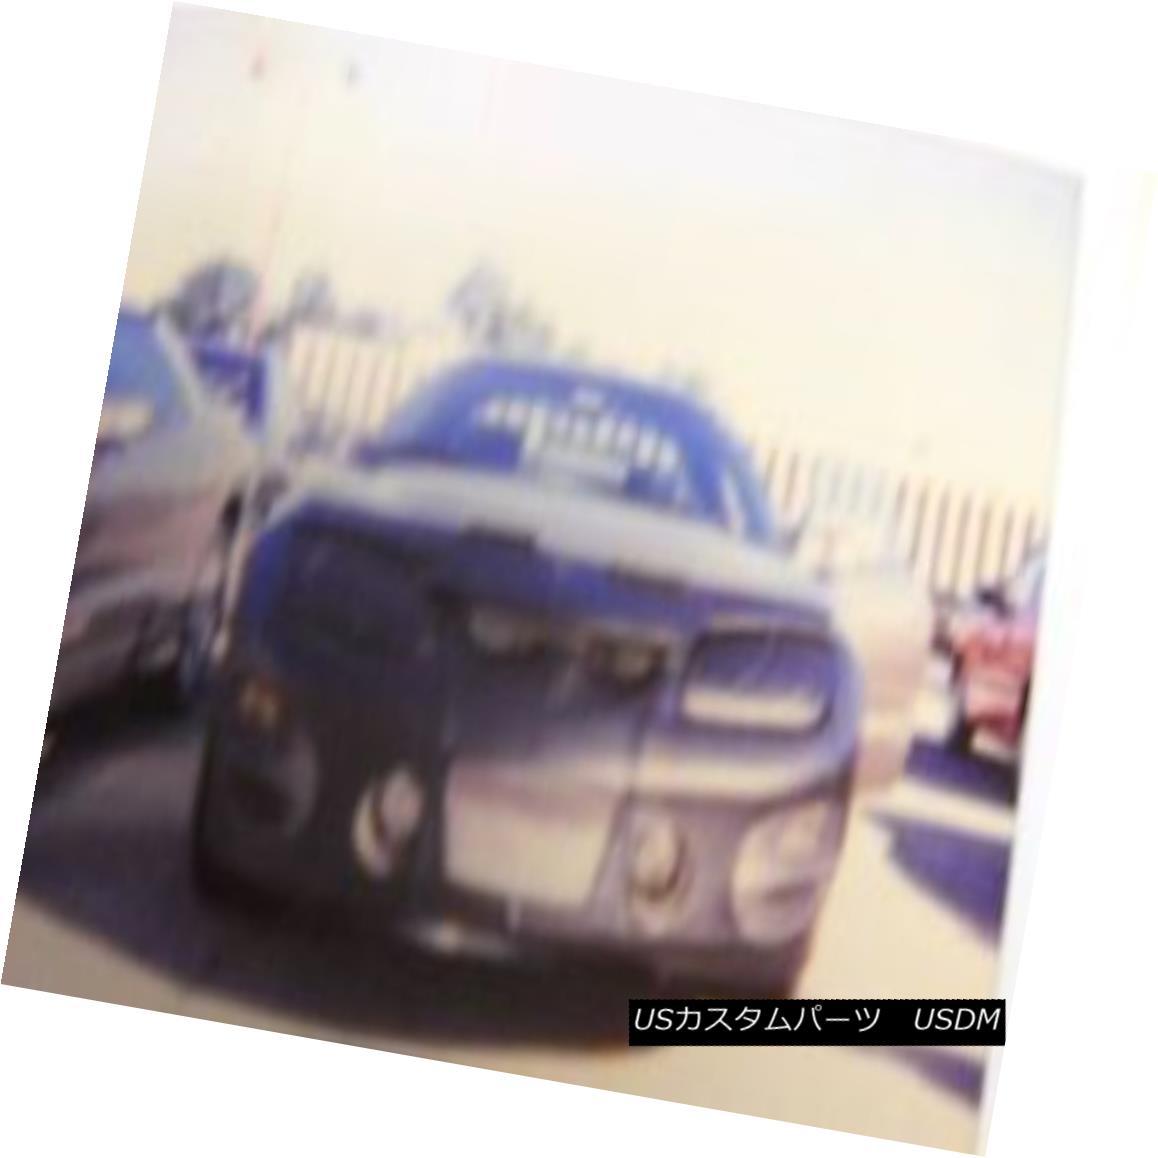 フルブラ ノーズブラ Lebra Front End Mask Bra Fits PONTIAC Trans AM 1998-2002 98-02 w/light covers LebraフロントエンドマスクブラはPONTIAC Trans AM 1998-2002 98-02 w / light coverに適合